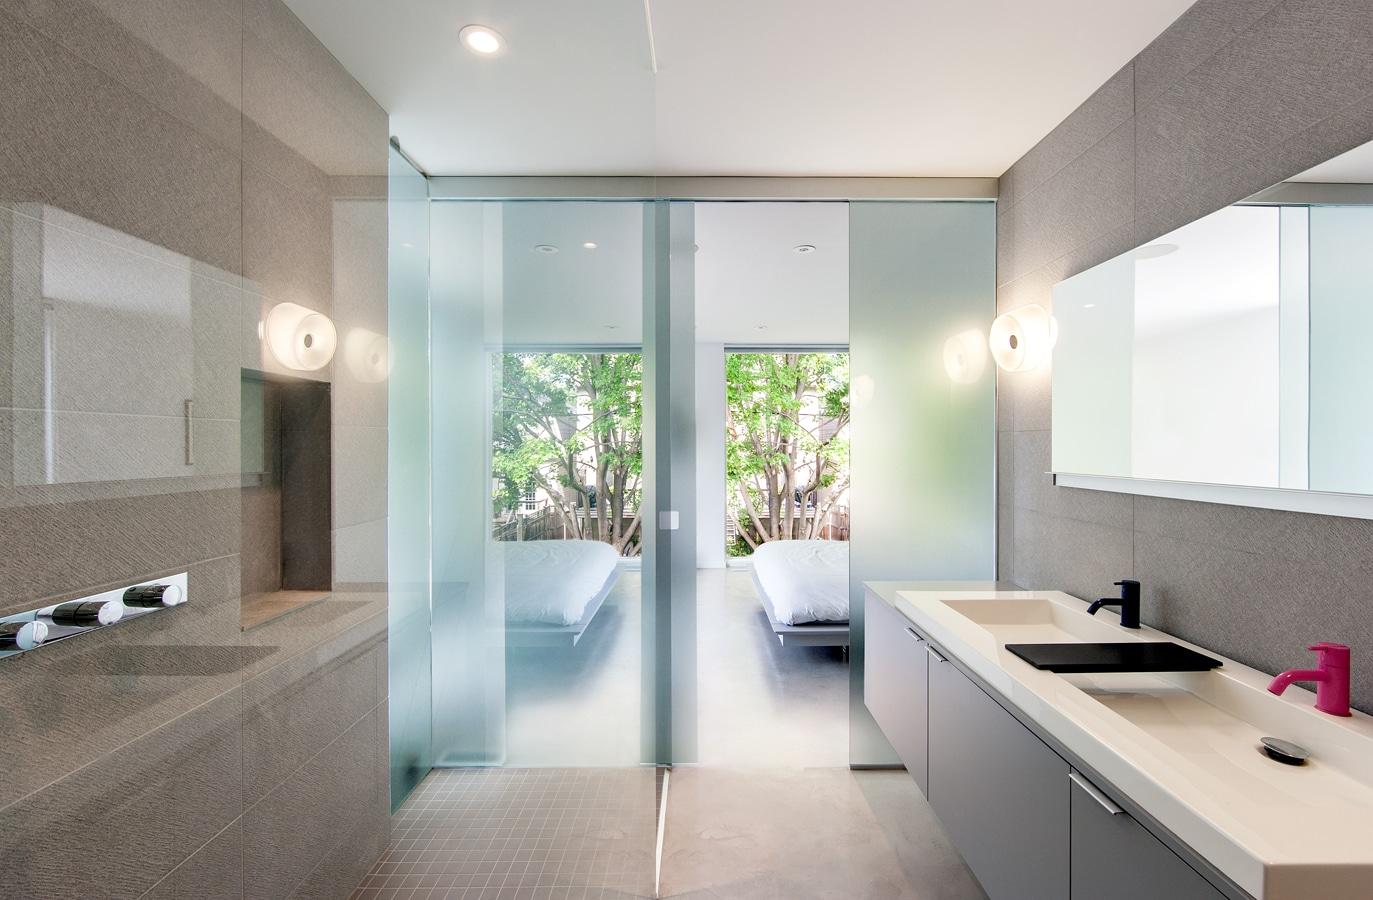 Baños Grises Modernos:Cuarto de baño moderno de color gris